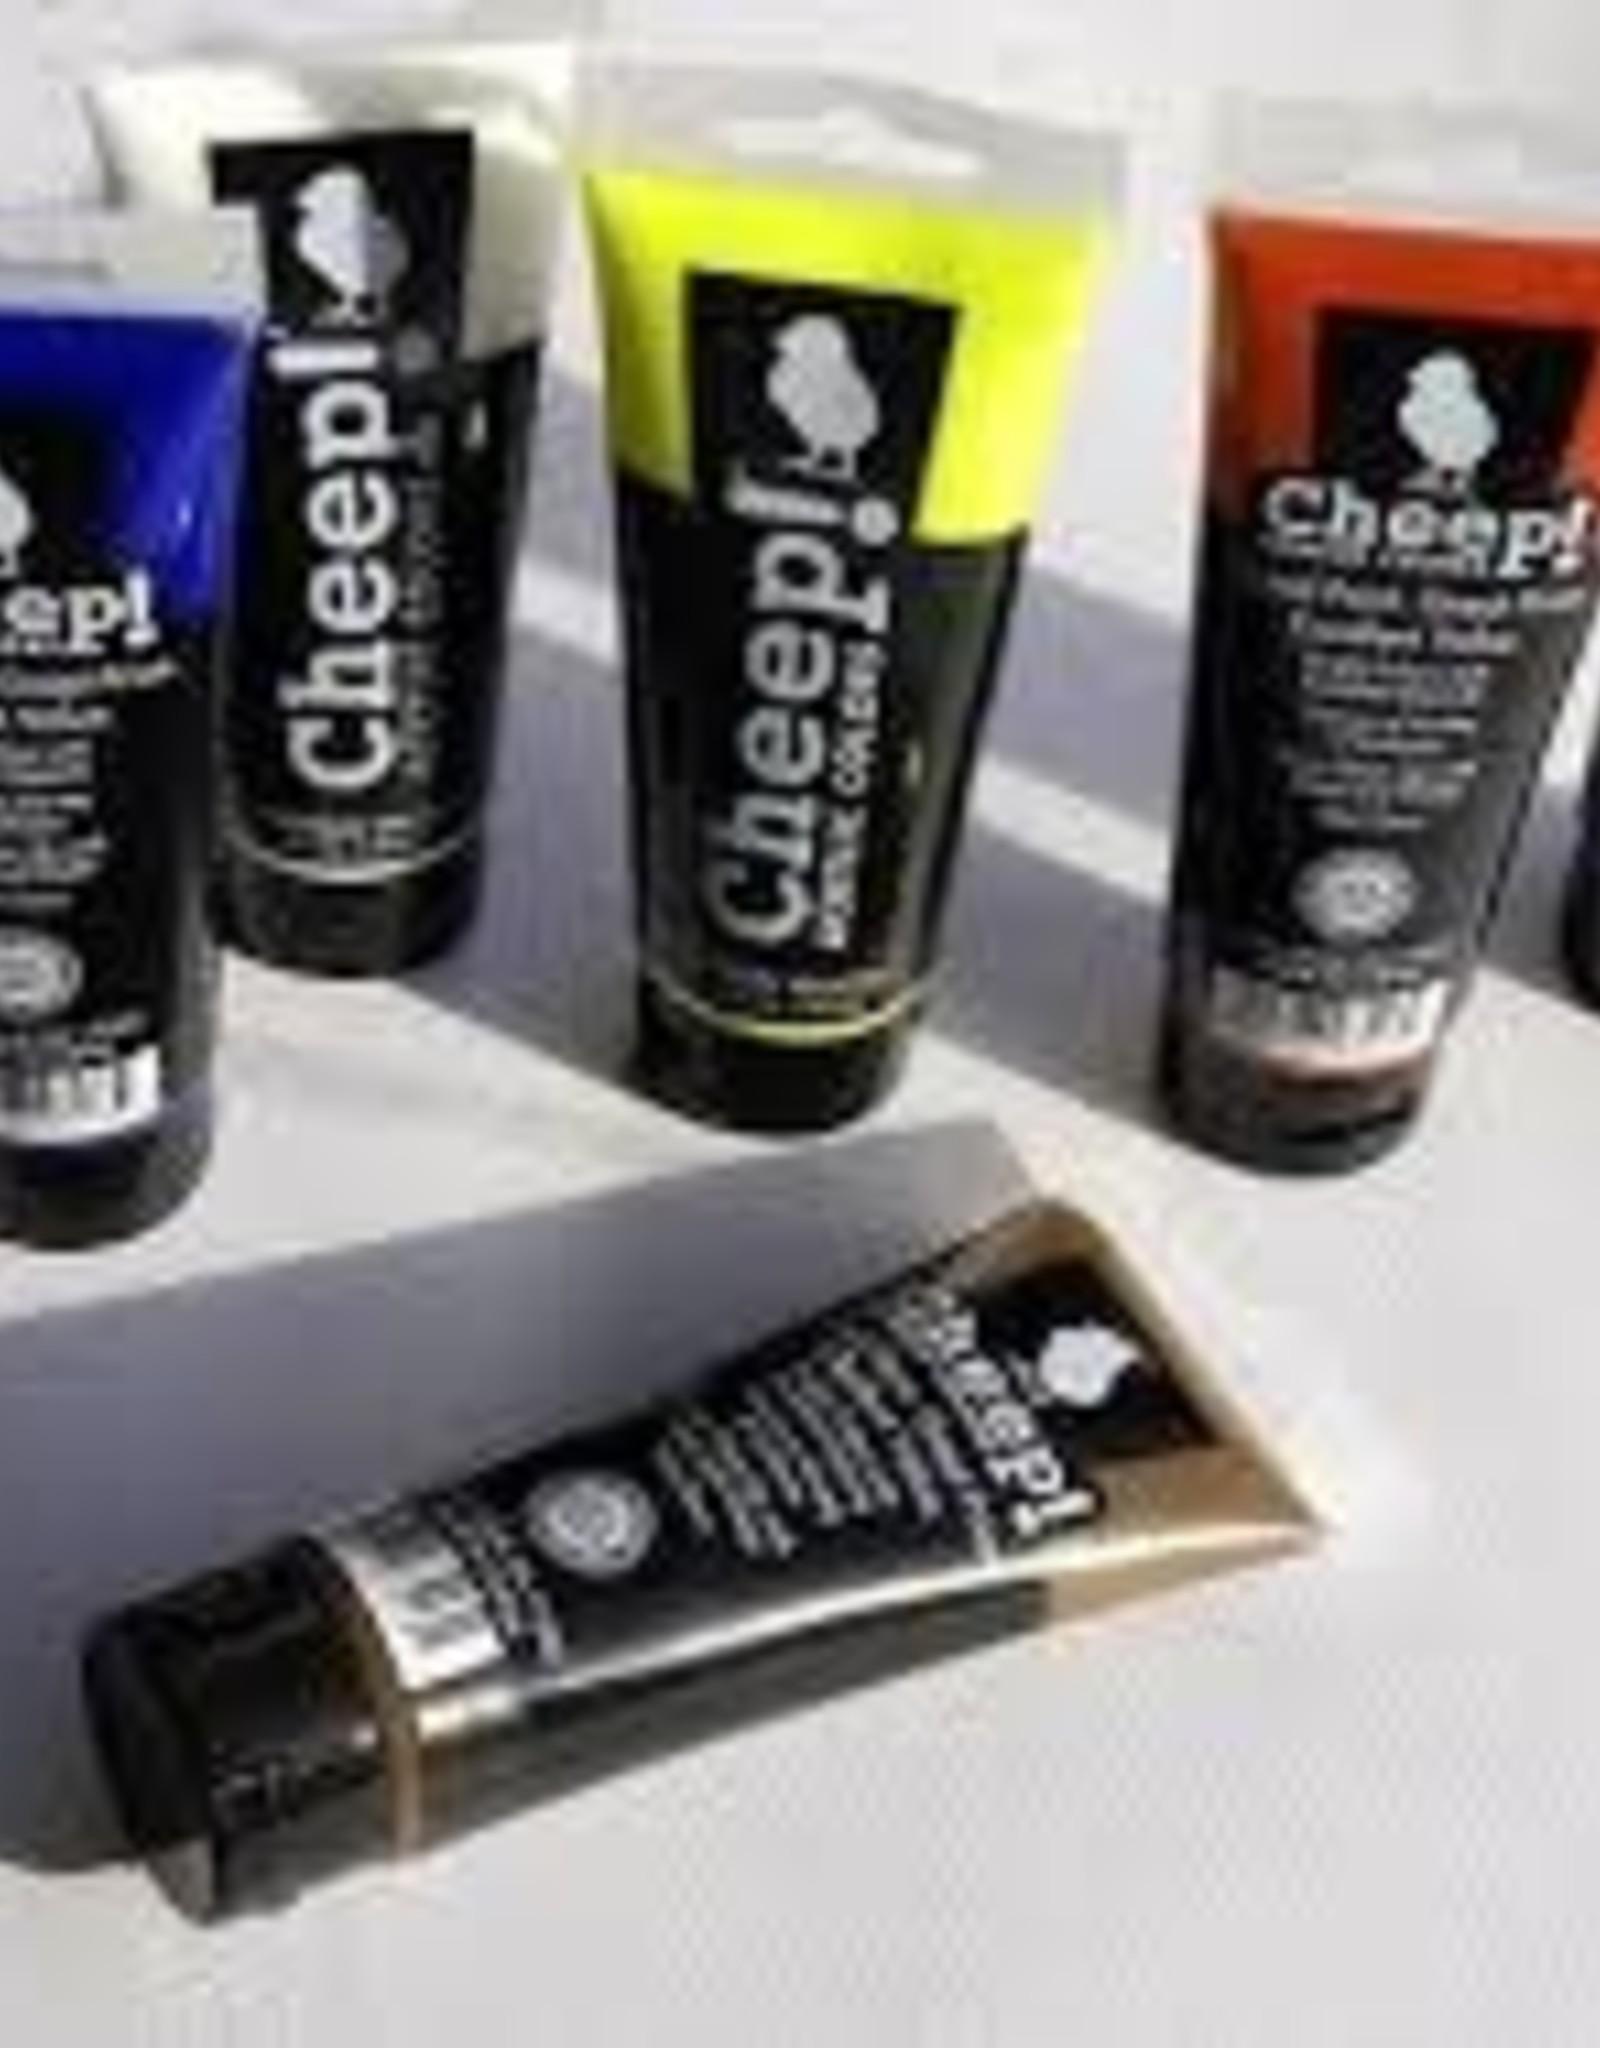 Cheep Acrylic Tube Paint 4oz -